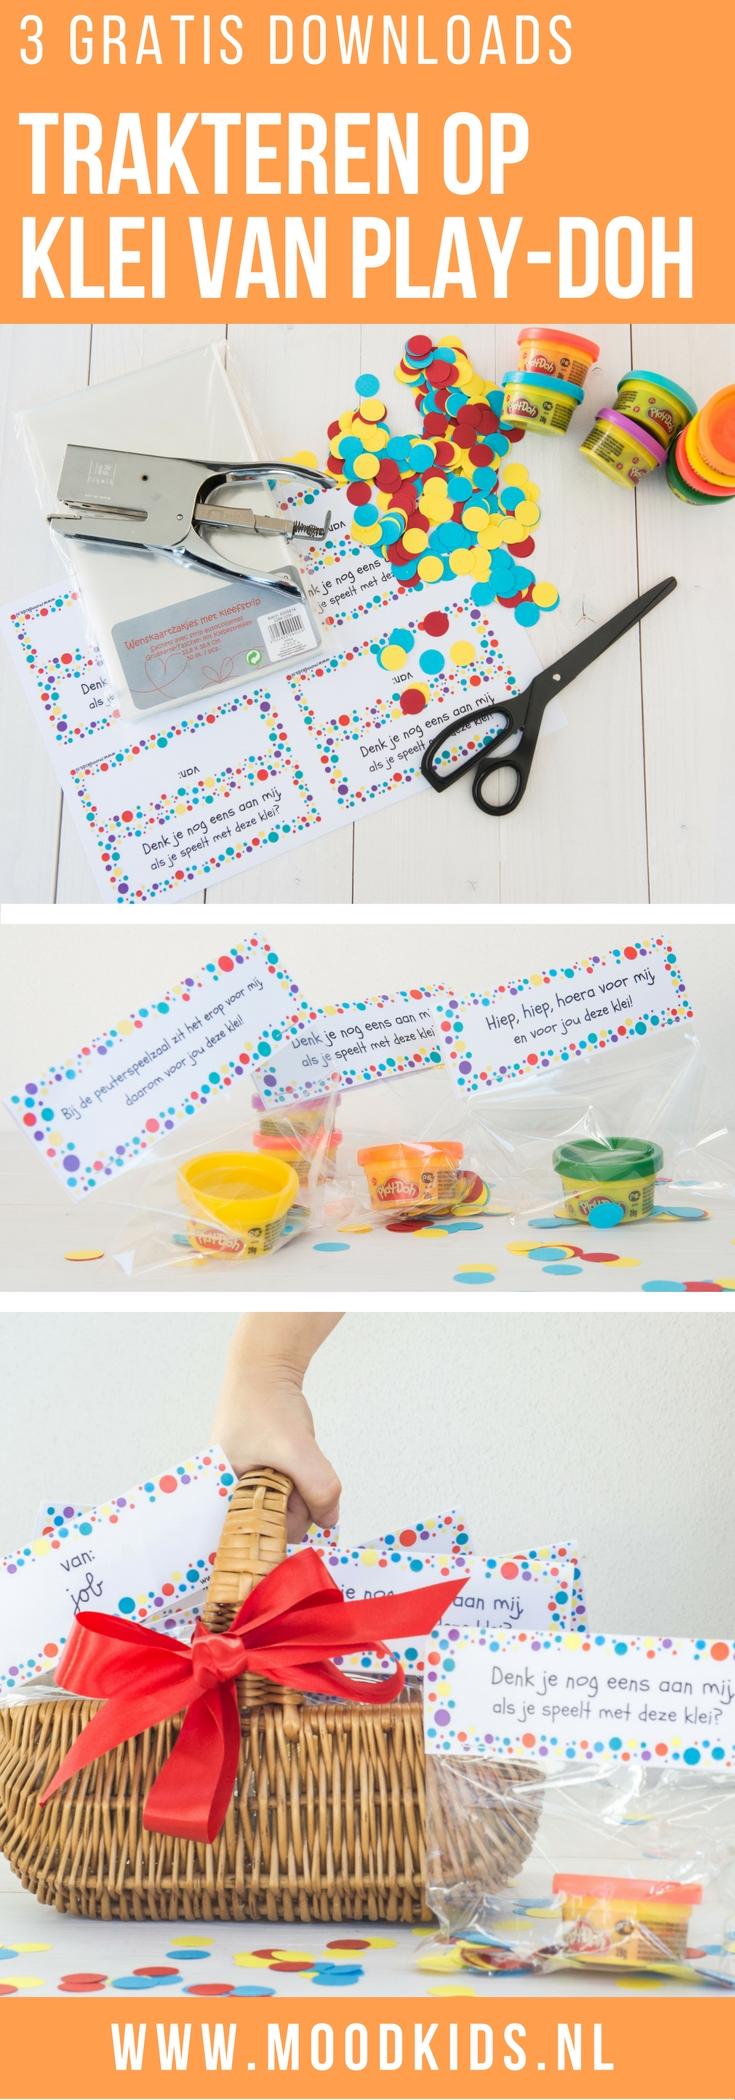 Wil je niet op eten of snoep trakteren? Of zoek je een traktatie voor een verhuizing of afscheid van de peuterspeelzaal Wij maakten een traktatie met klei van Play-Doh.